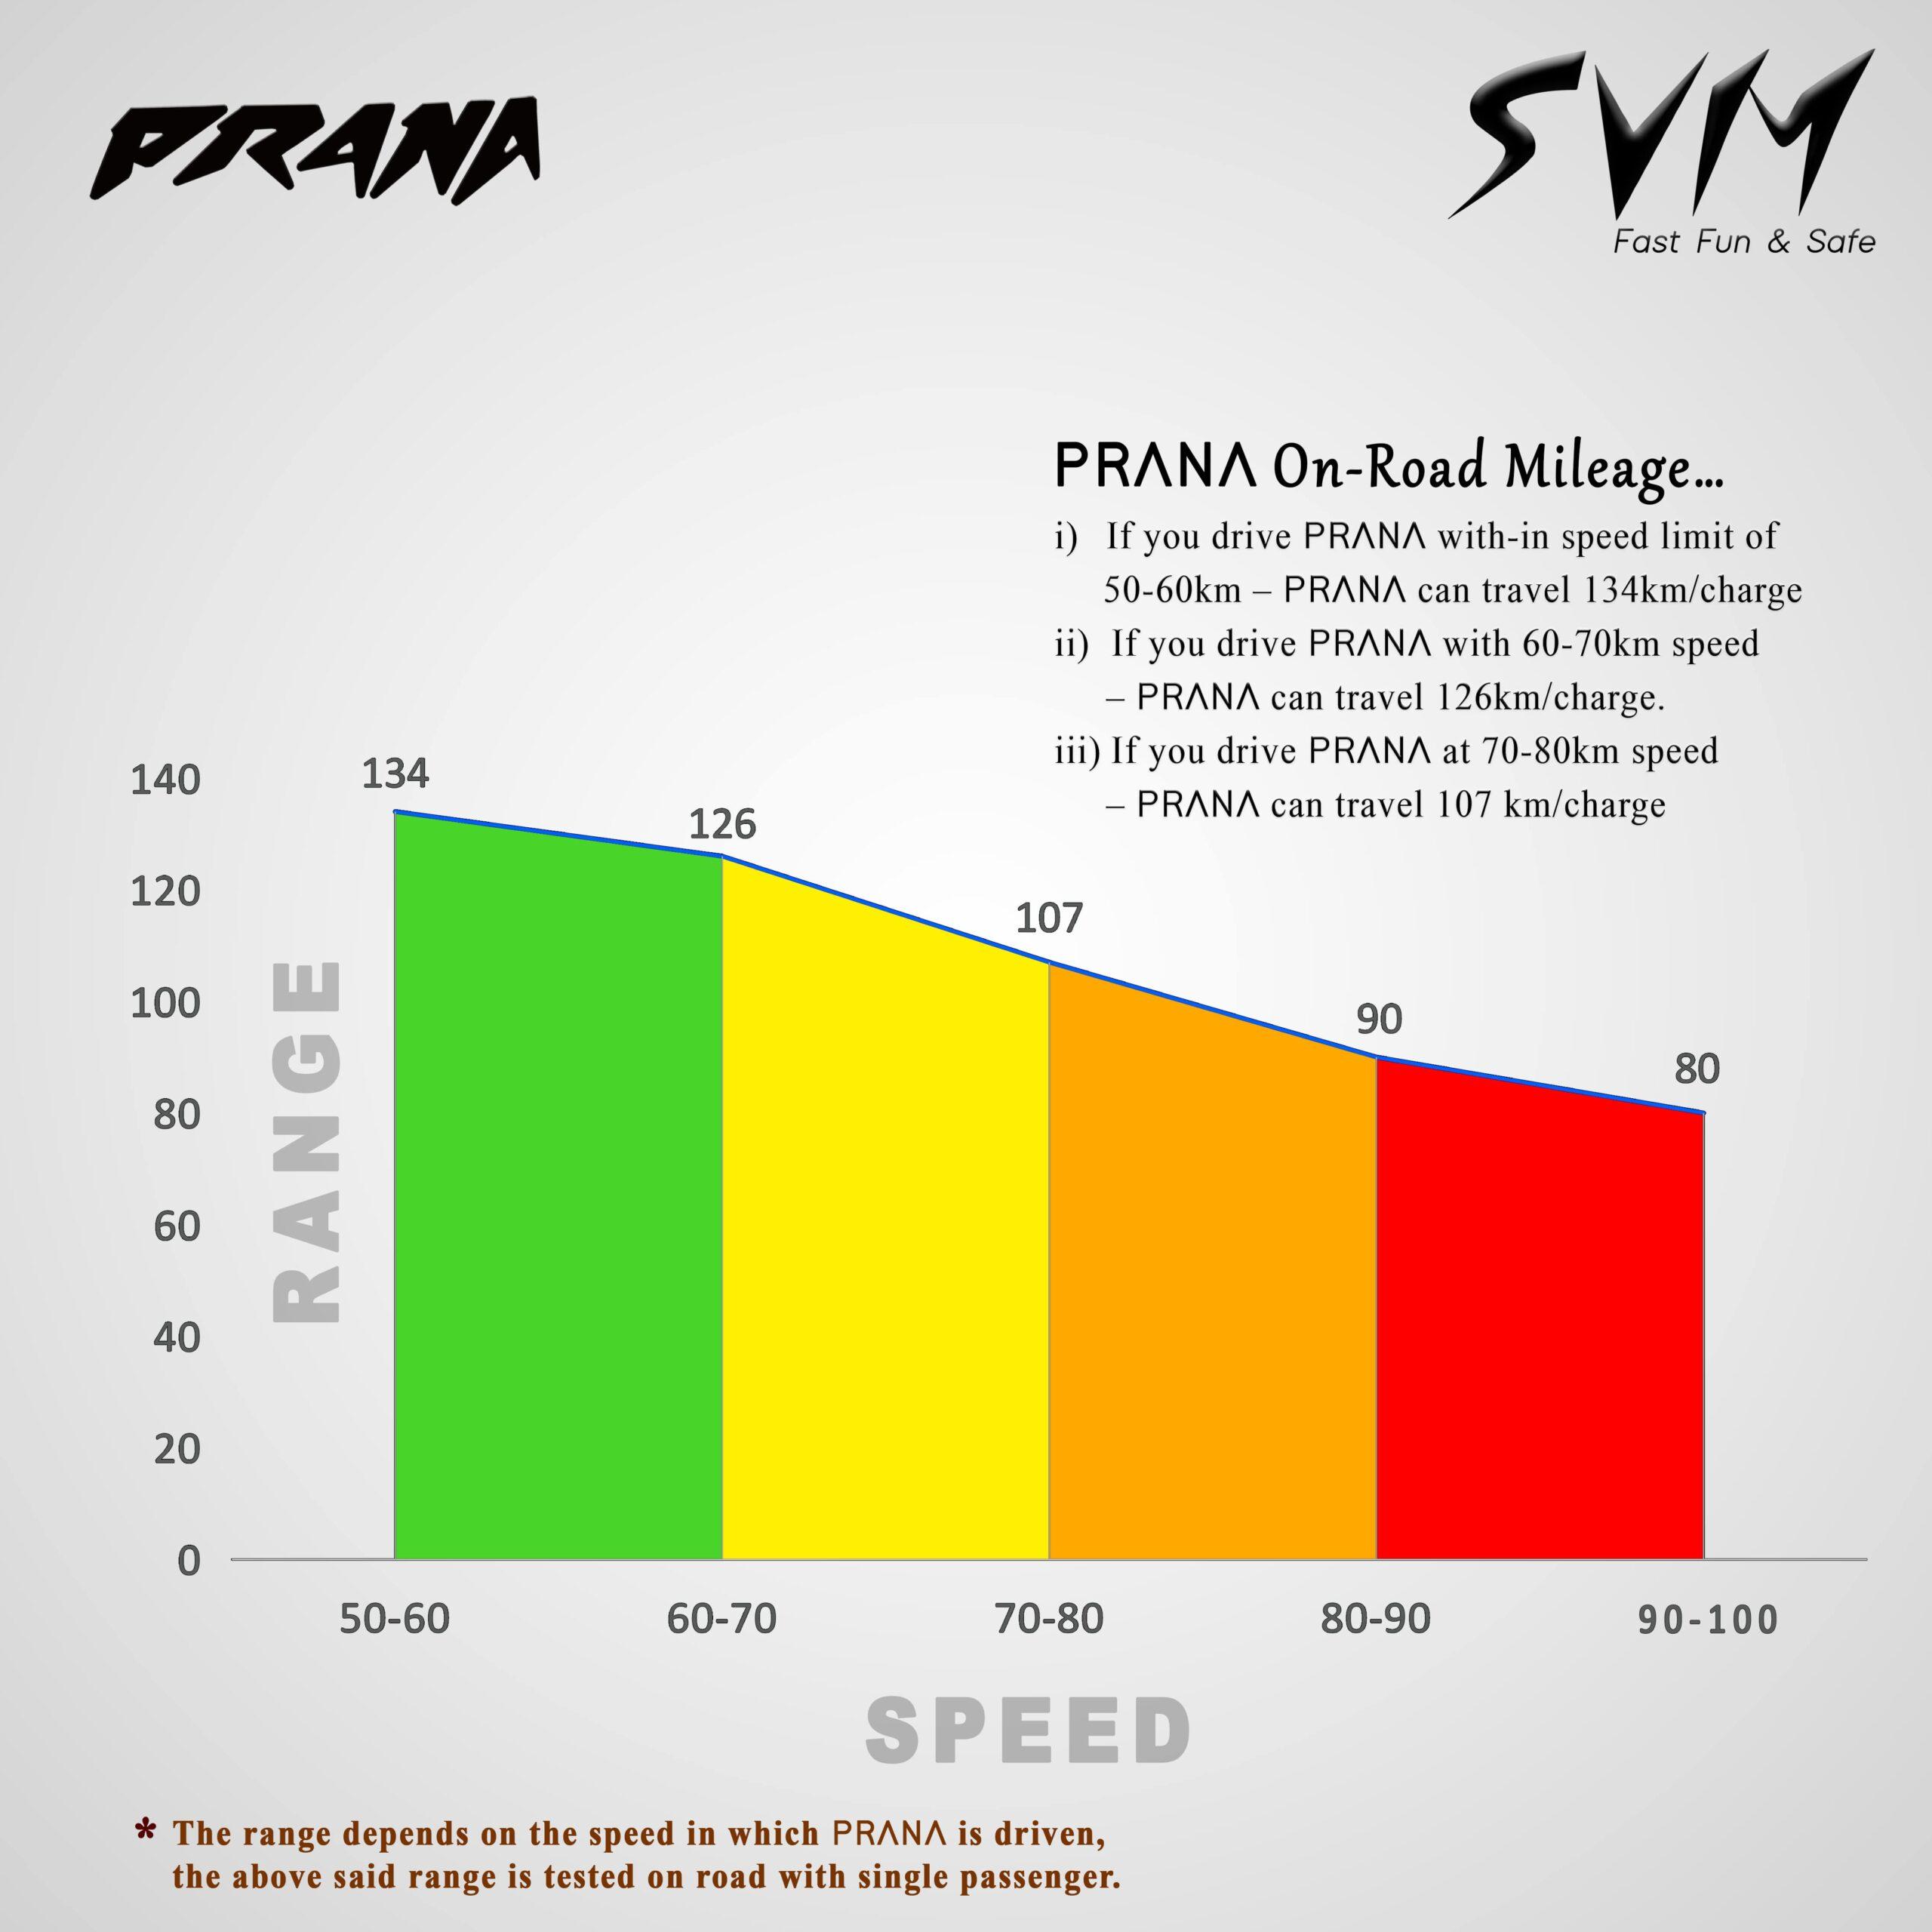 PRANA On-Road Mileage